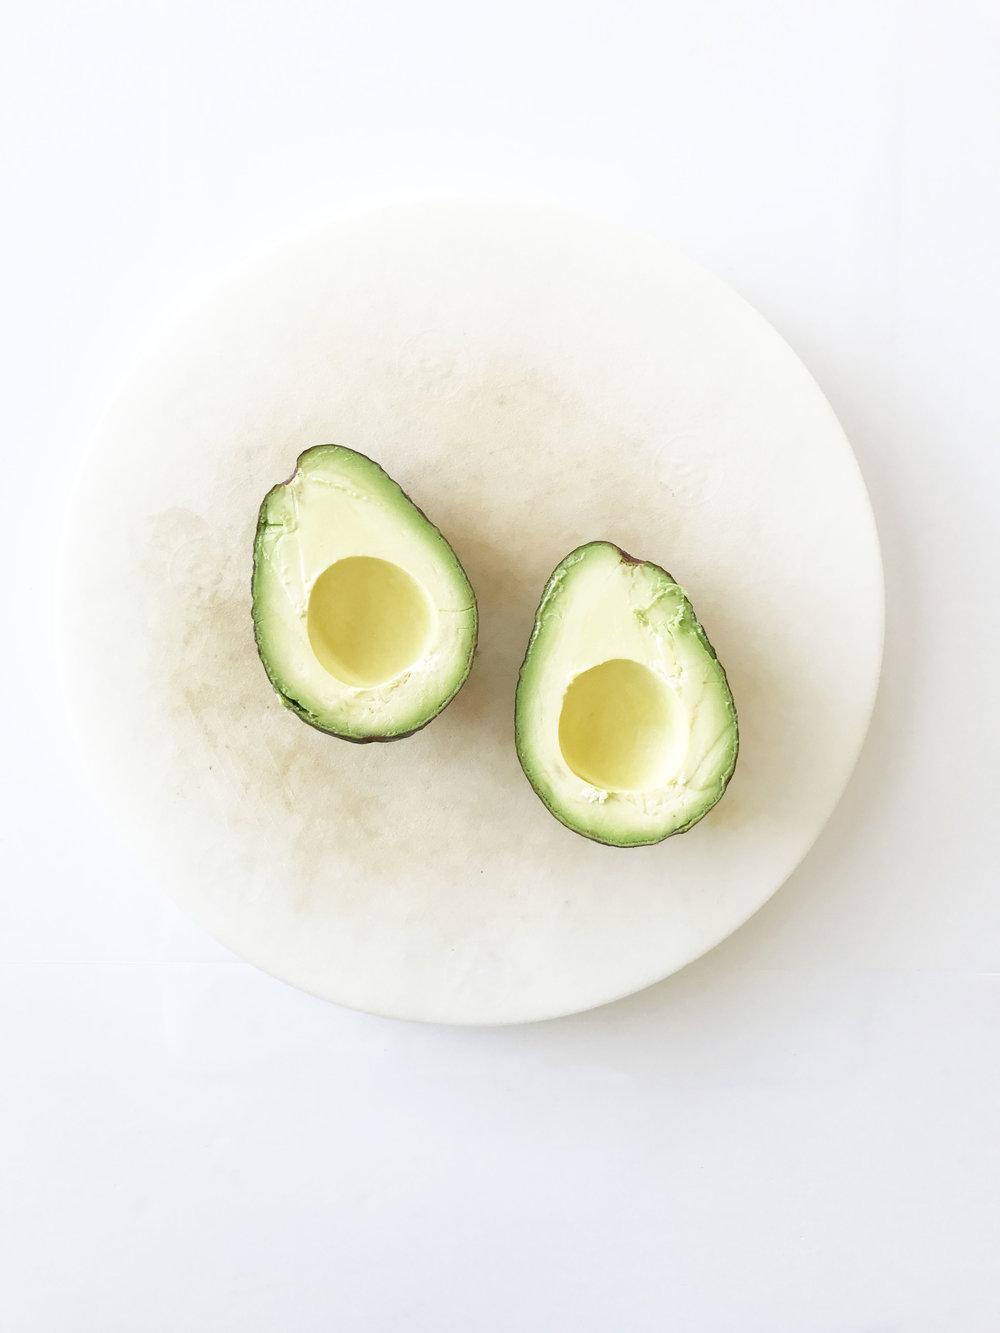 baked-egg-avocado-bowls4.jpg